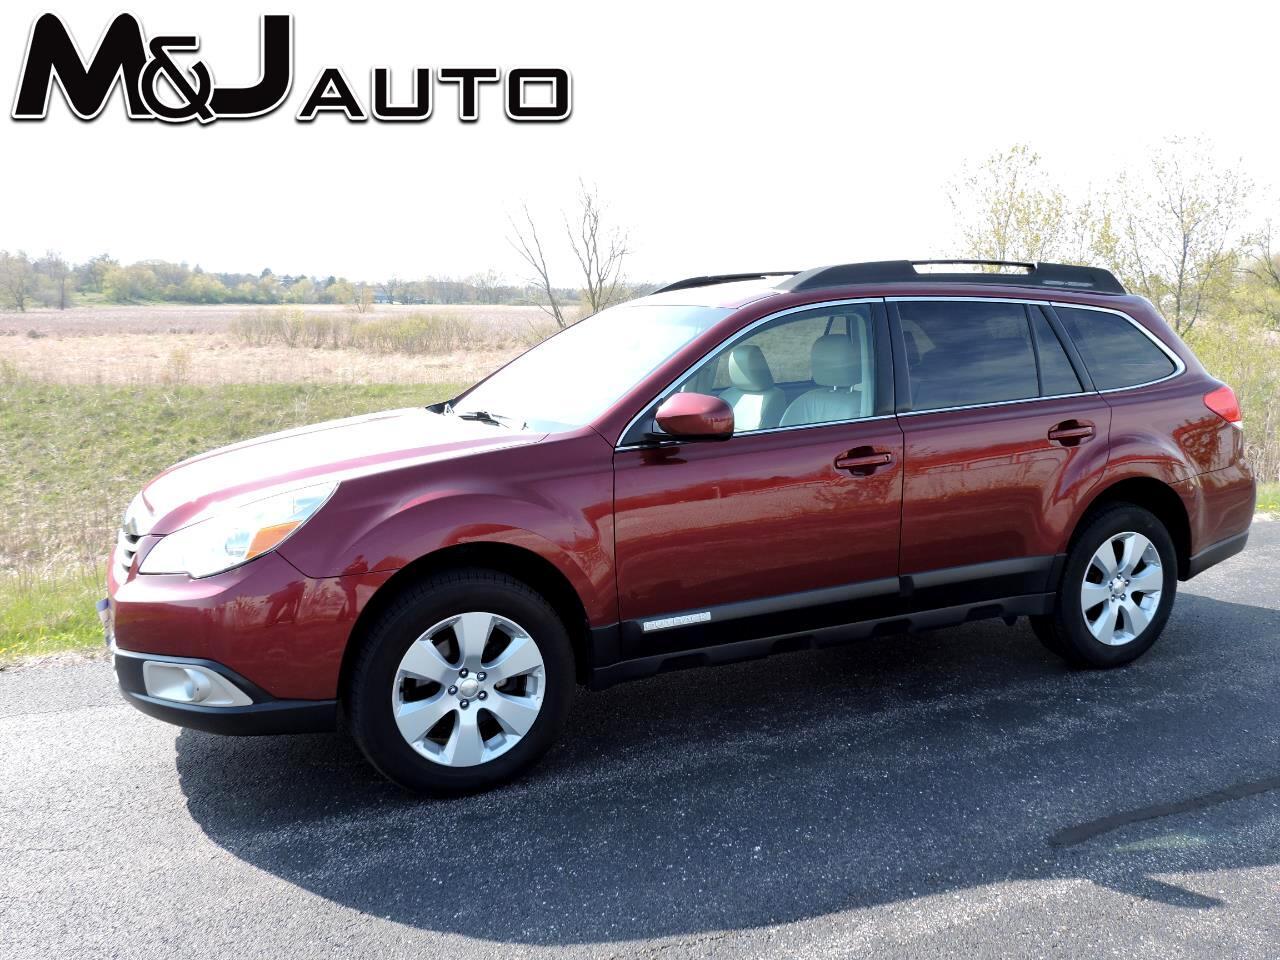 Subaru Outback 4dr Wgn H4 Auto 2.5i Limited Pwr Moon 2011